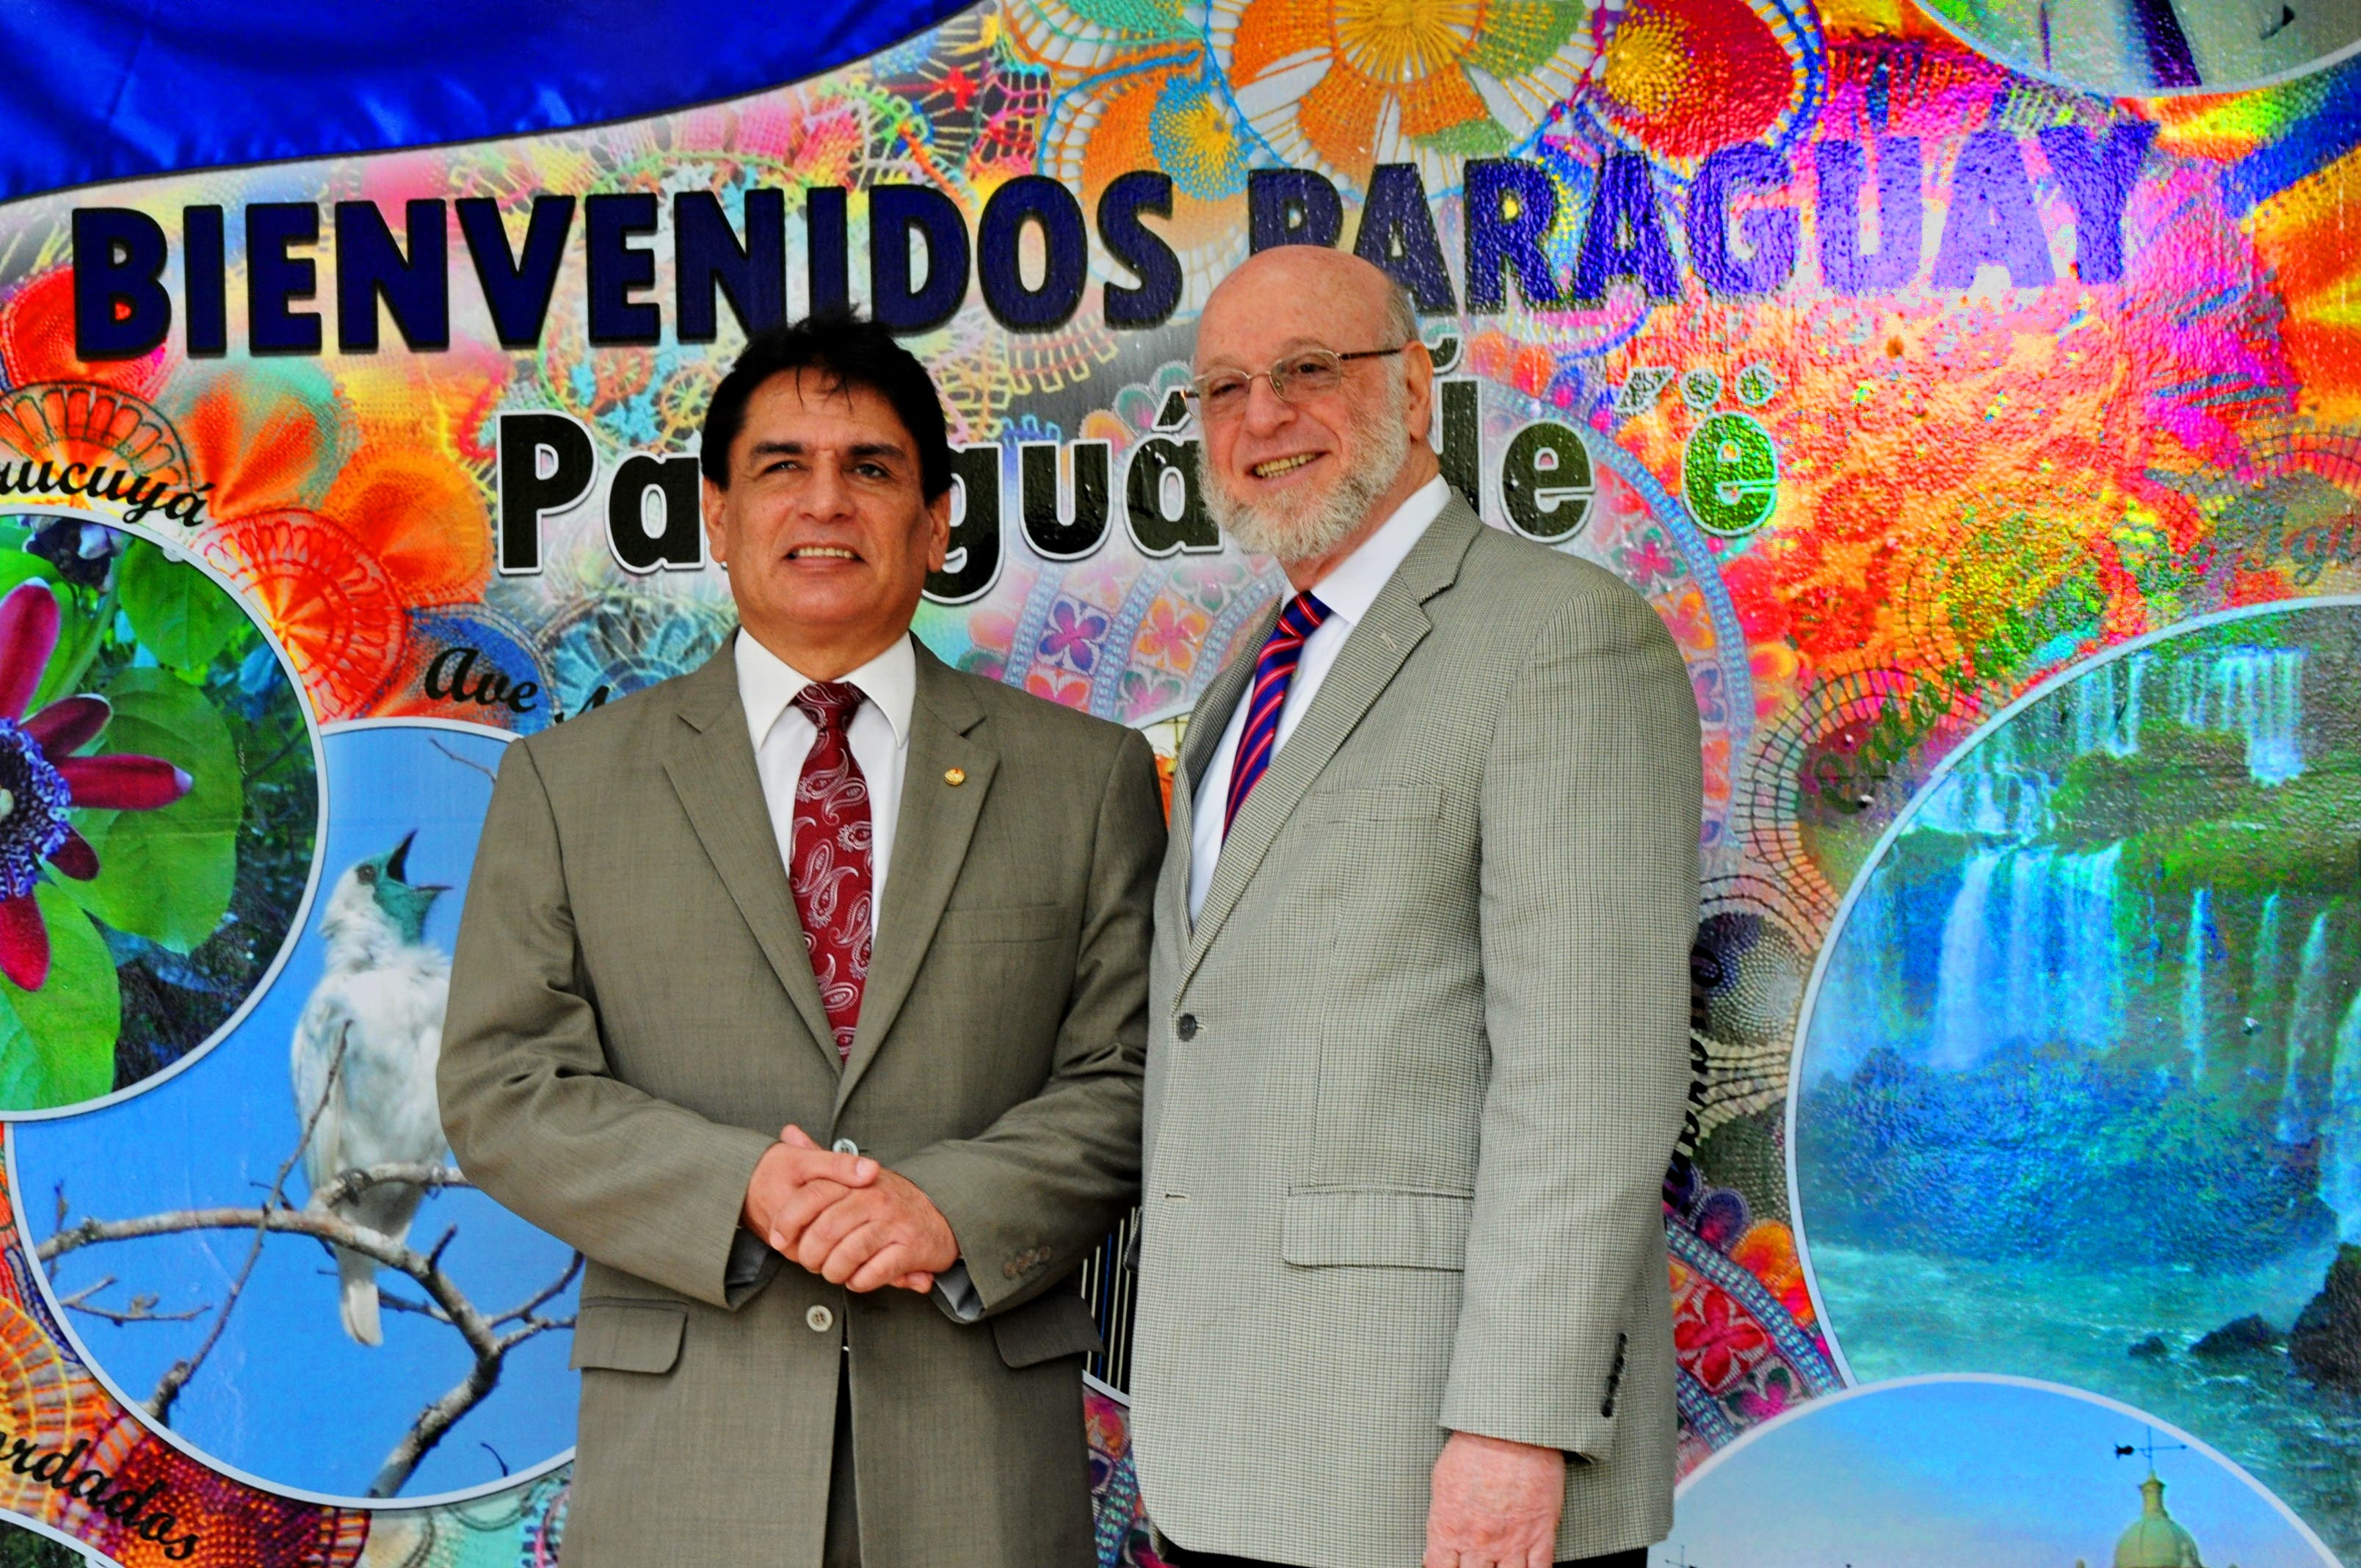 El embajador de Paraguay, Pedro Sánchez y el ministro Pedro Vergés visitaron el pabellón de Paraguay en el recinto ferial.